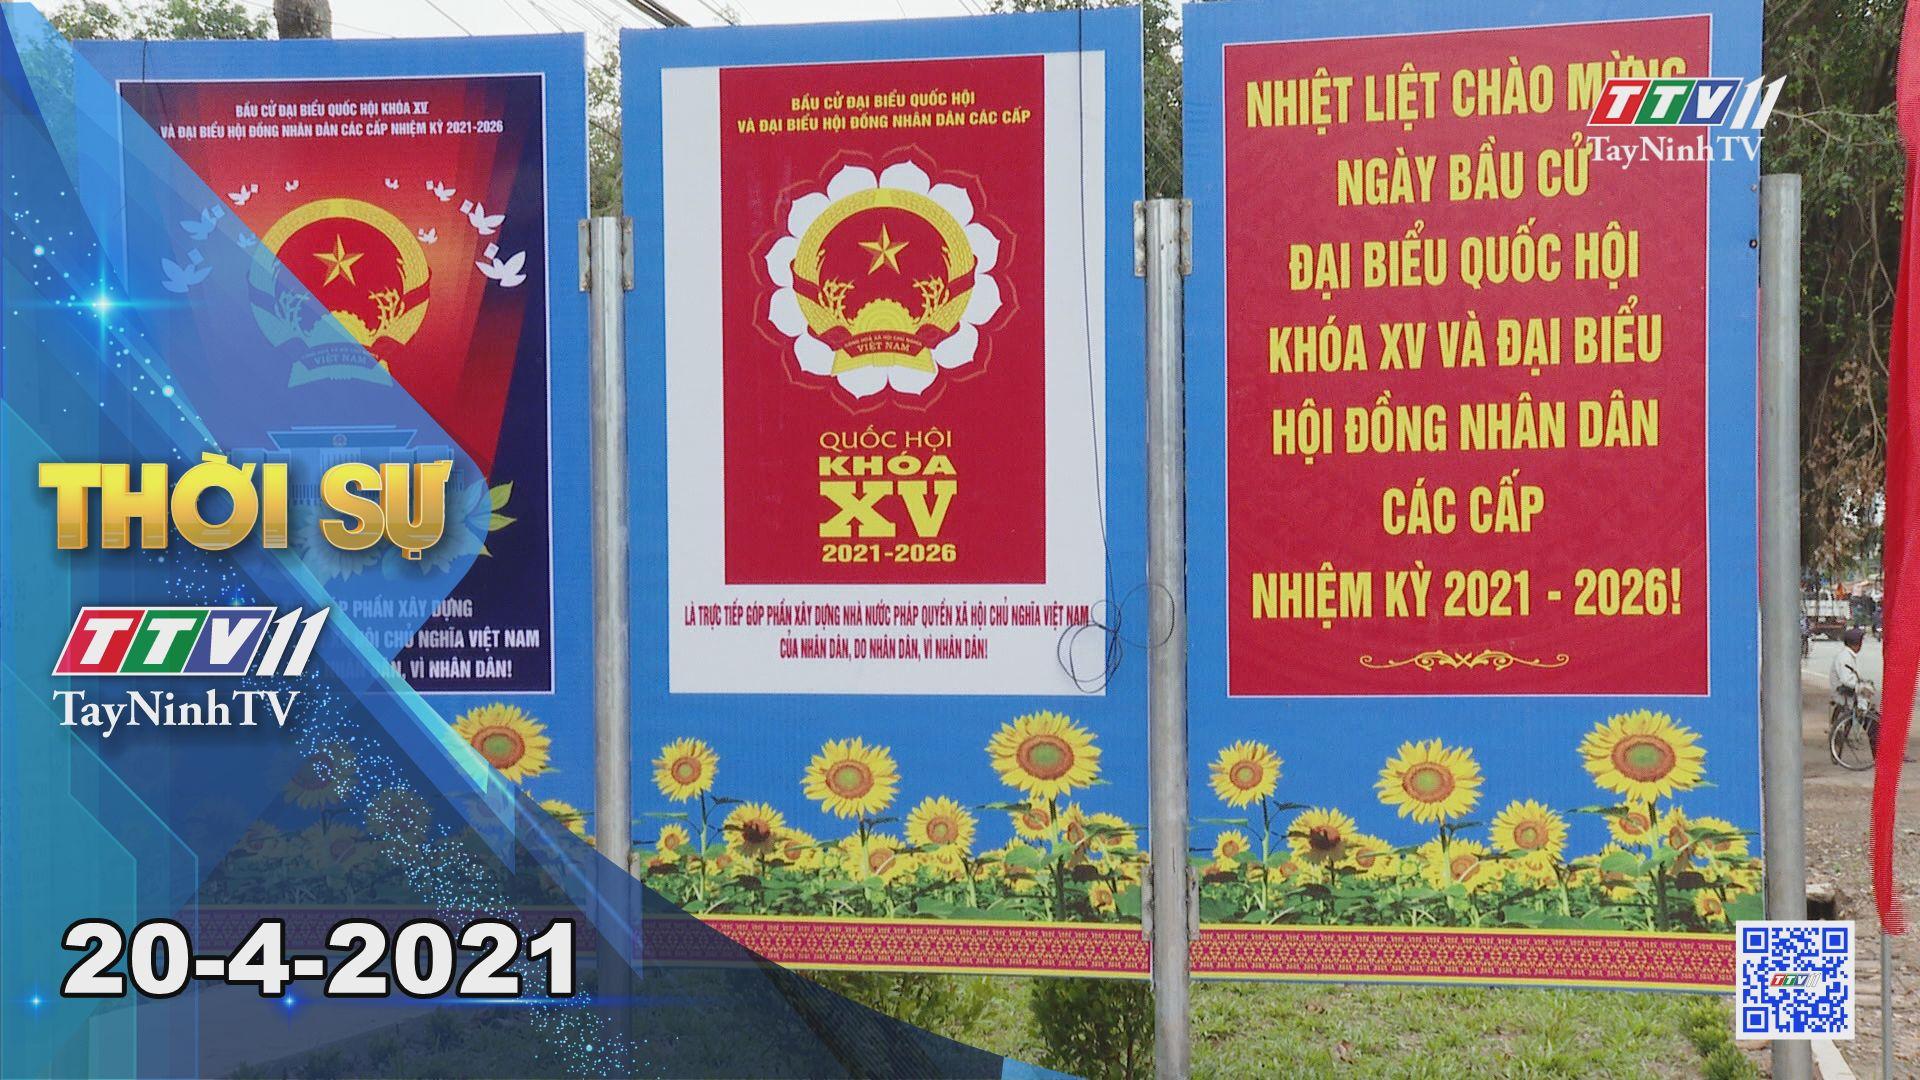 Thời sự Tây Ninh 20-4-2021 | Tin tức hôm nay | TayNinhTV